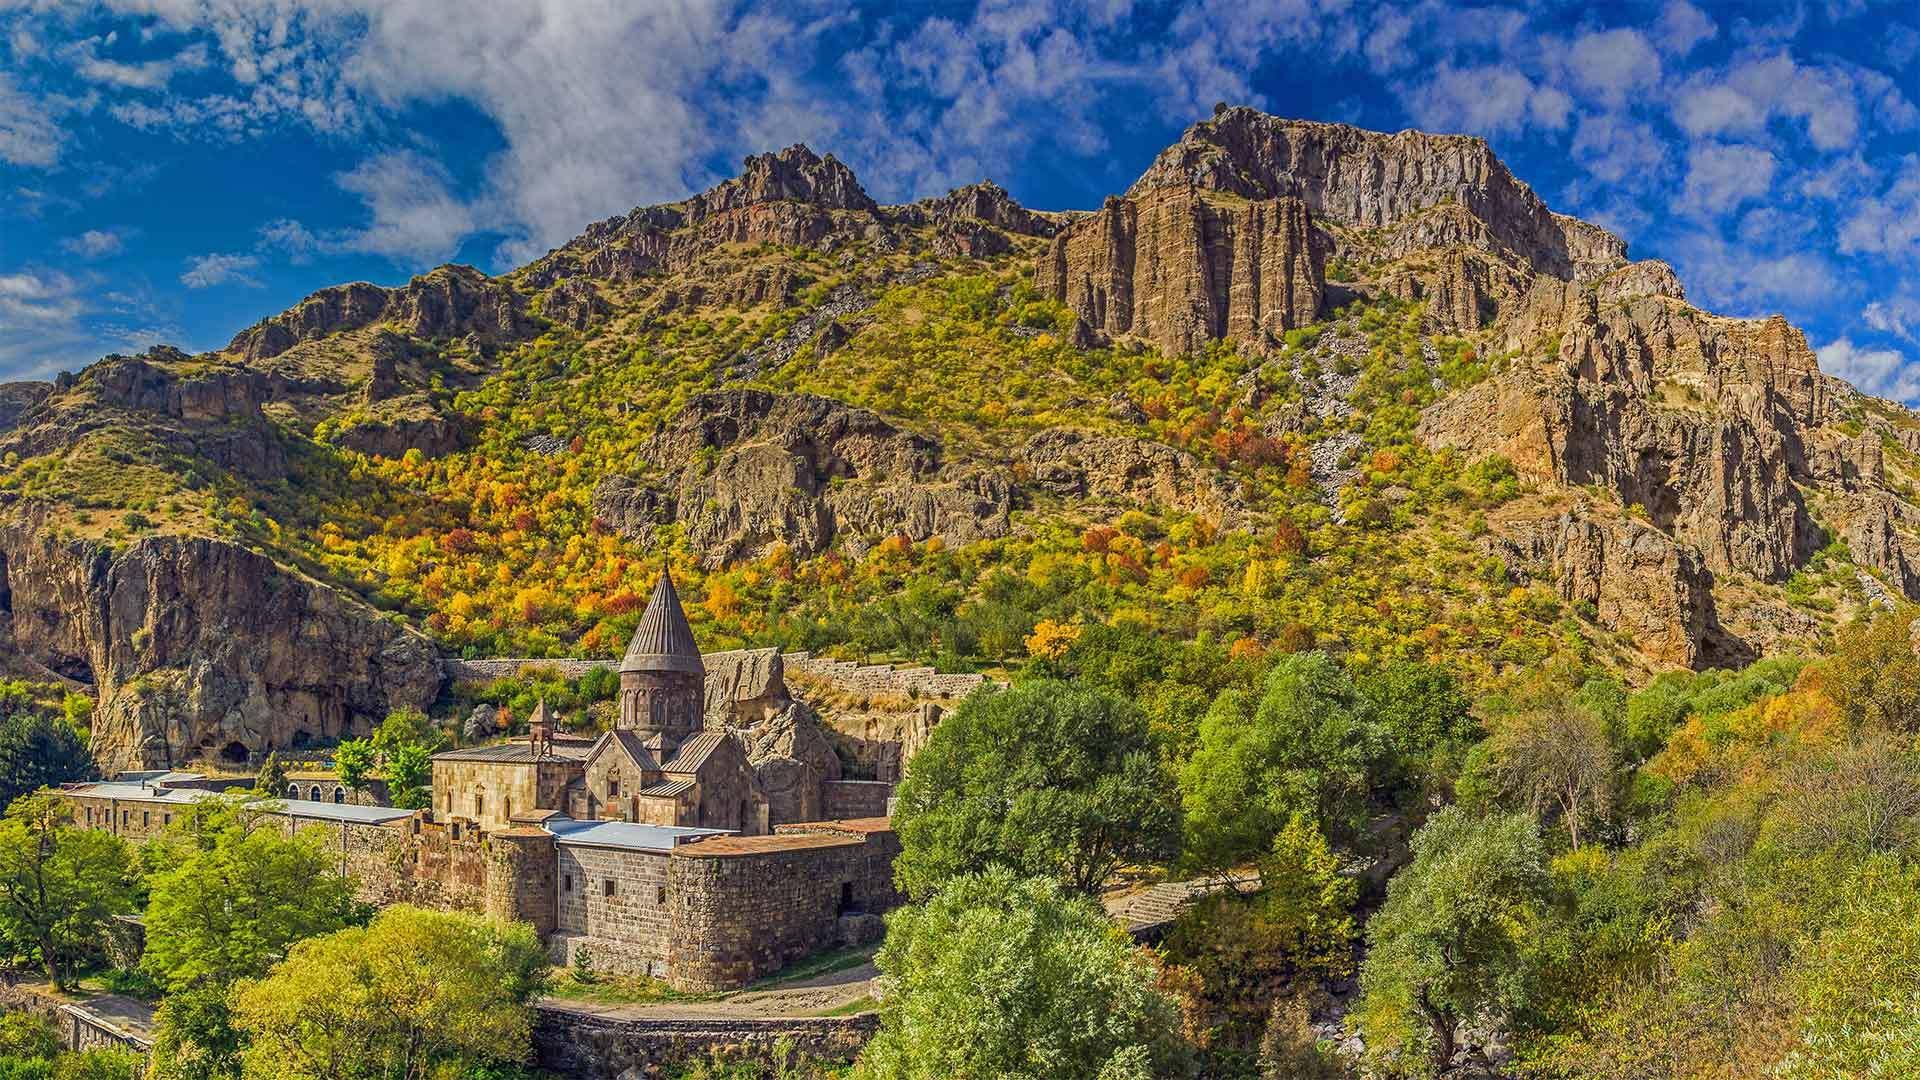 格加尔德修道院格加尔德修道院